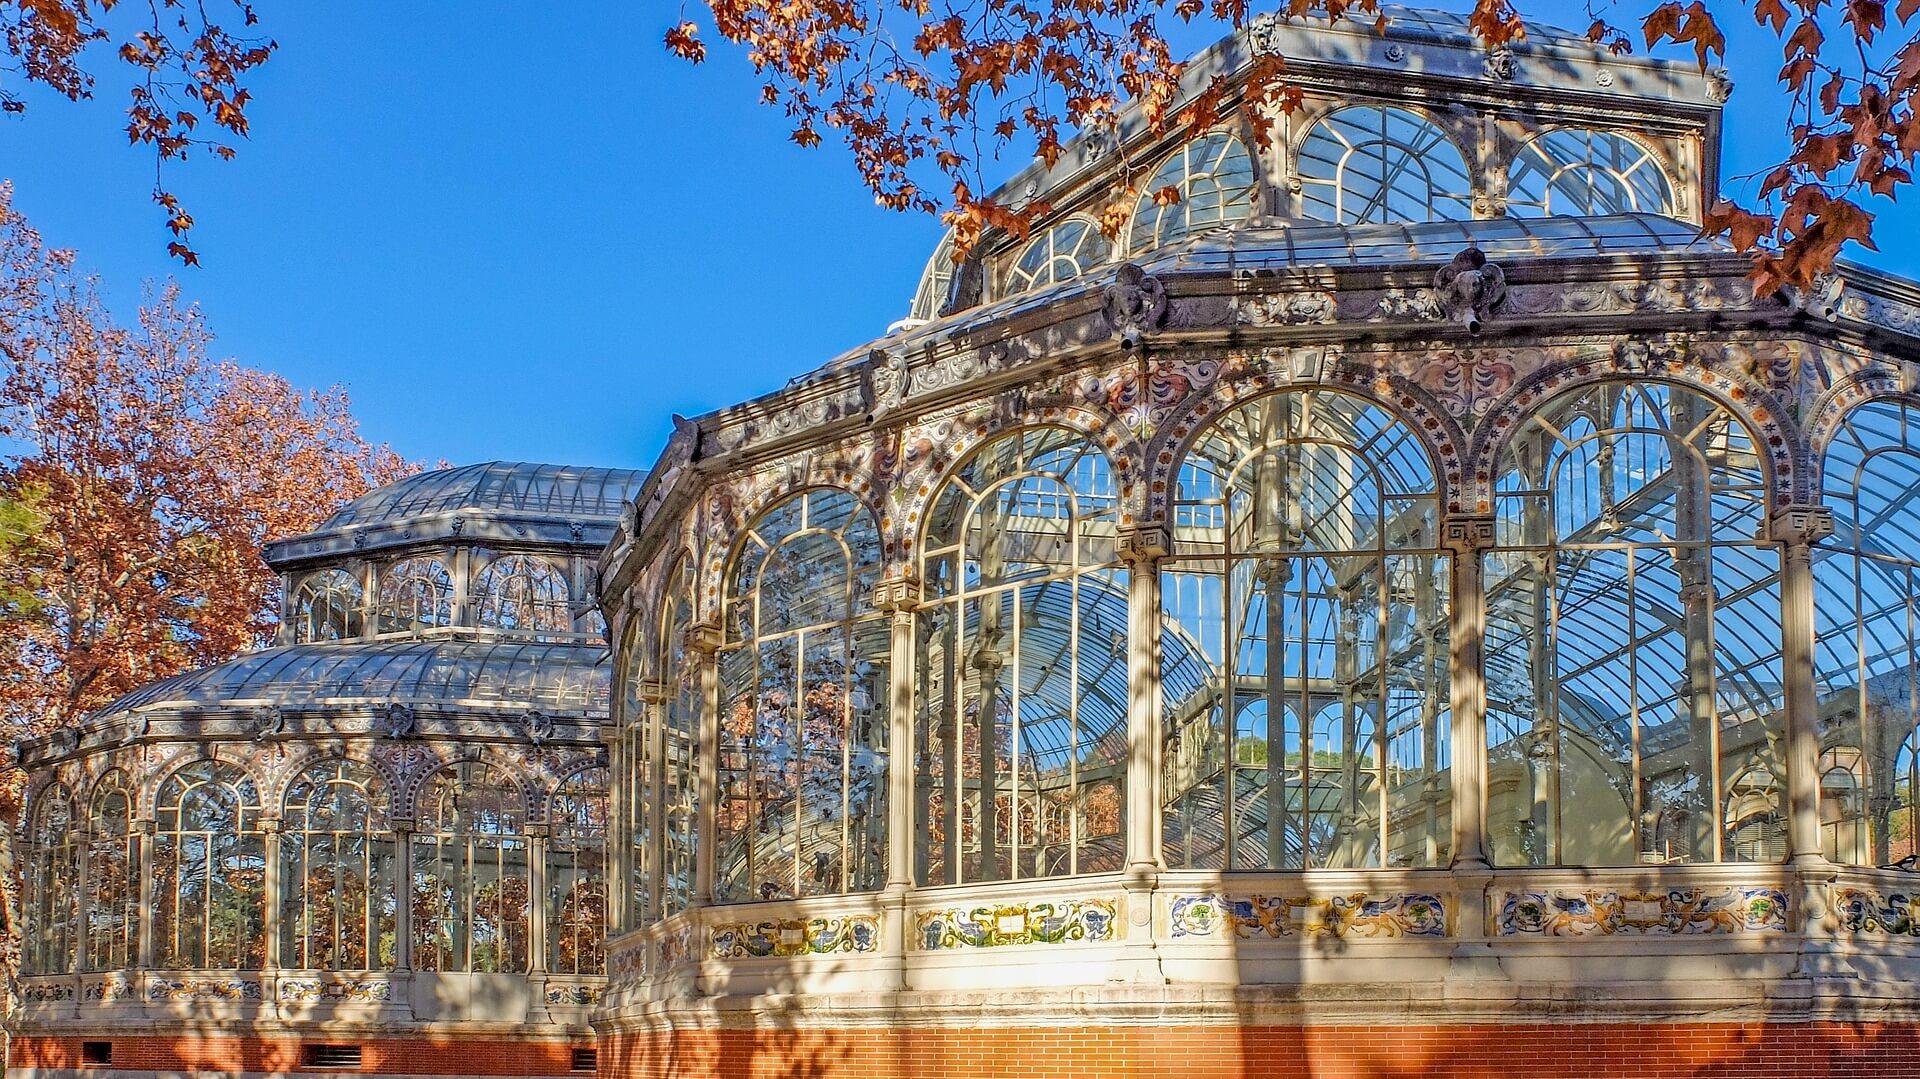 palacio de cristal no parque do retiro